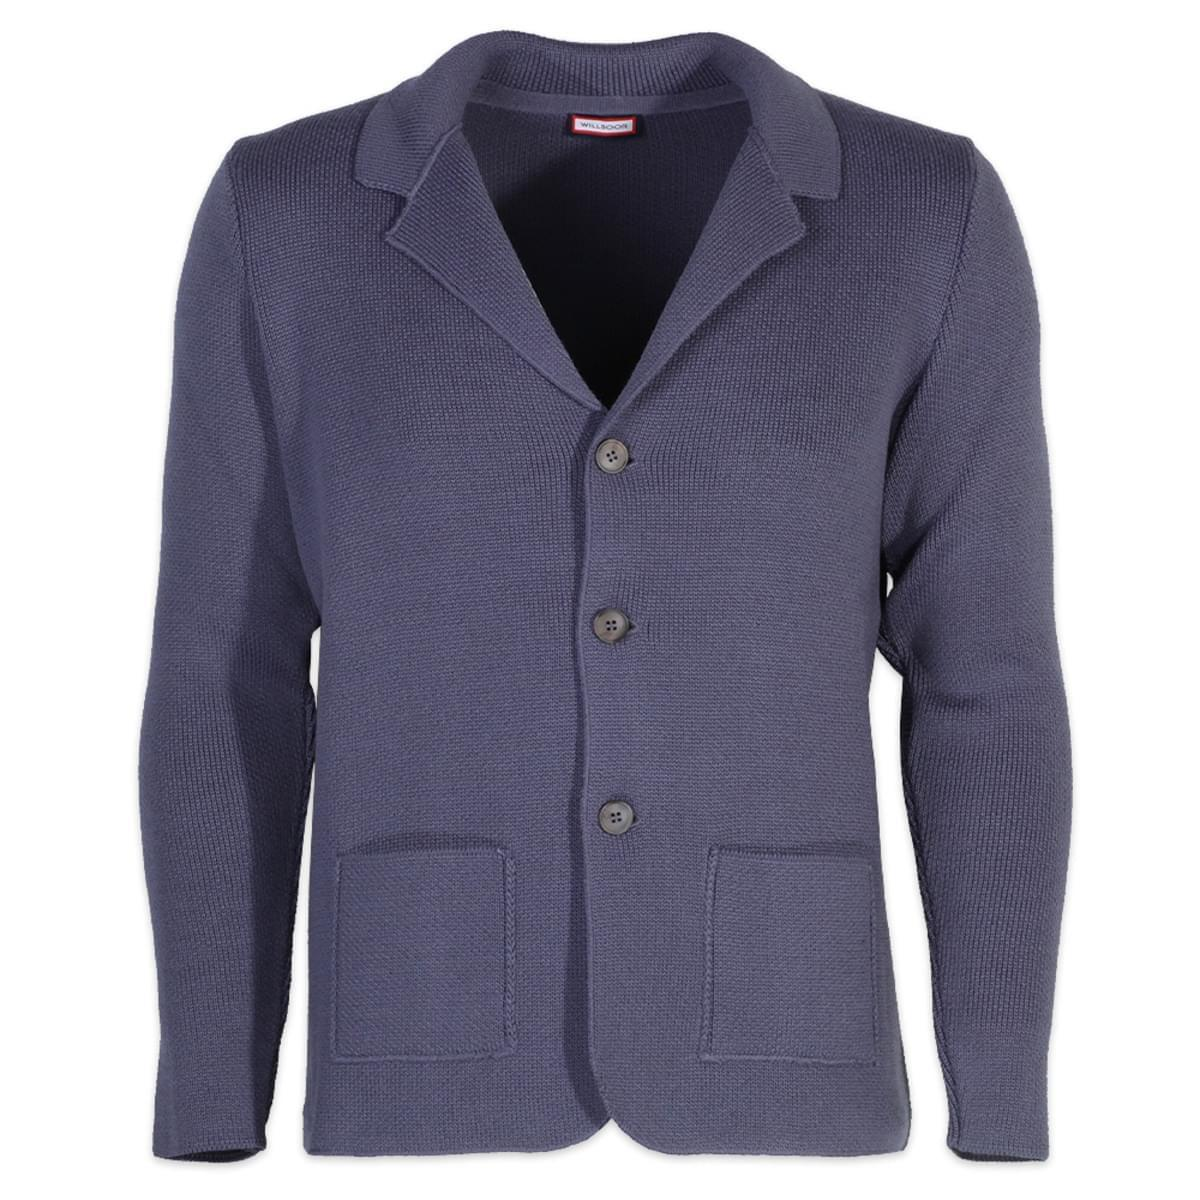 Pánský svetr na knoflíky Willsoor 6108 v modré barvě XL